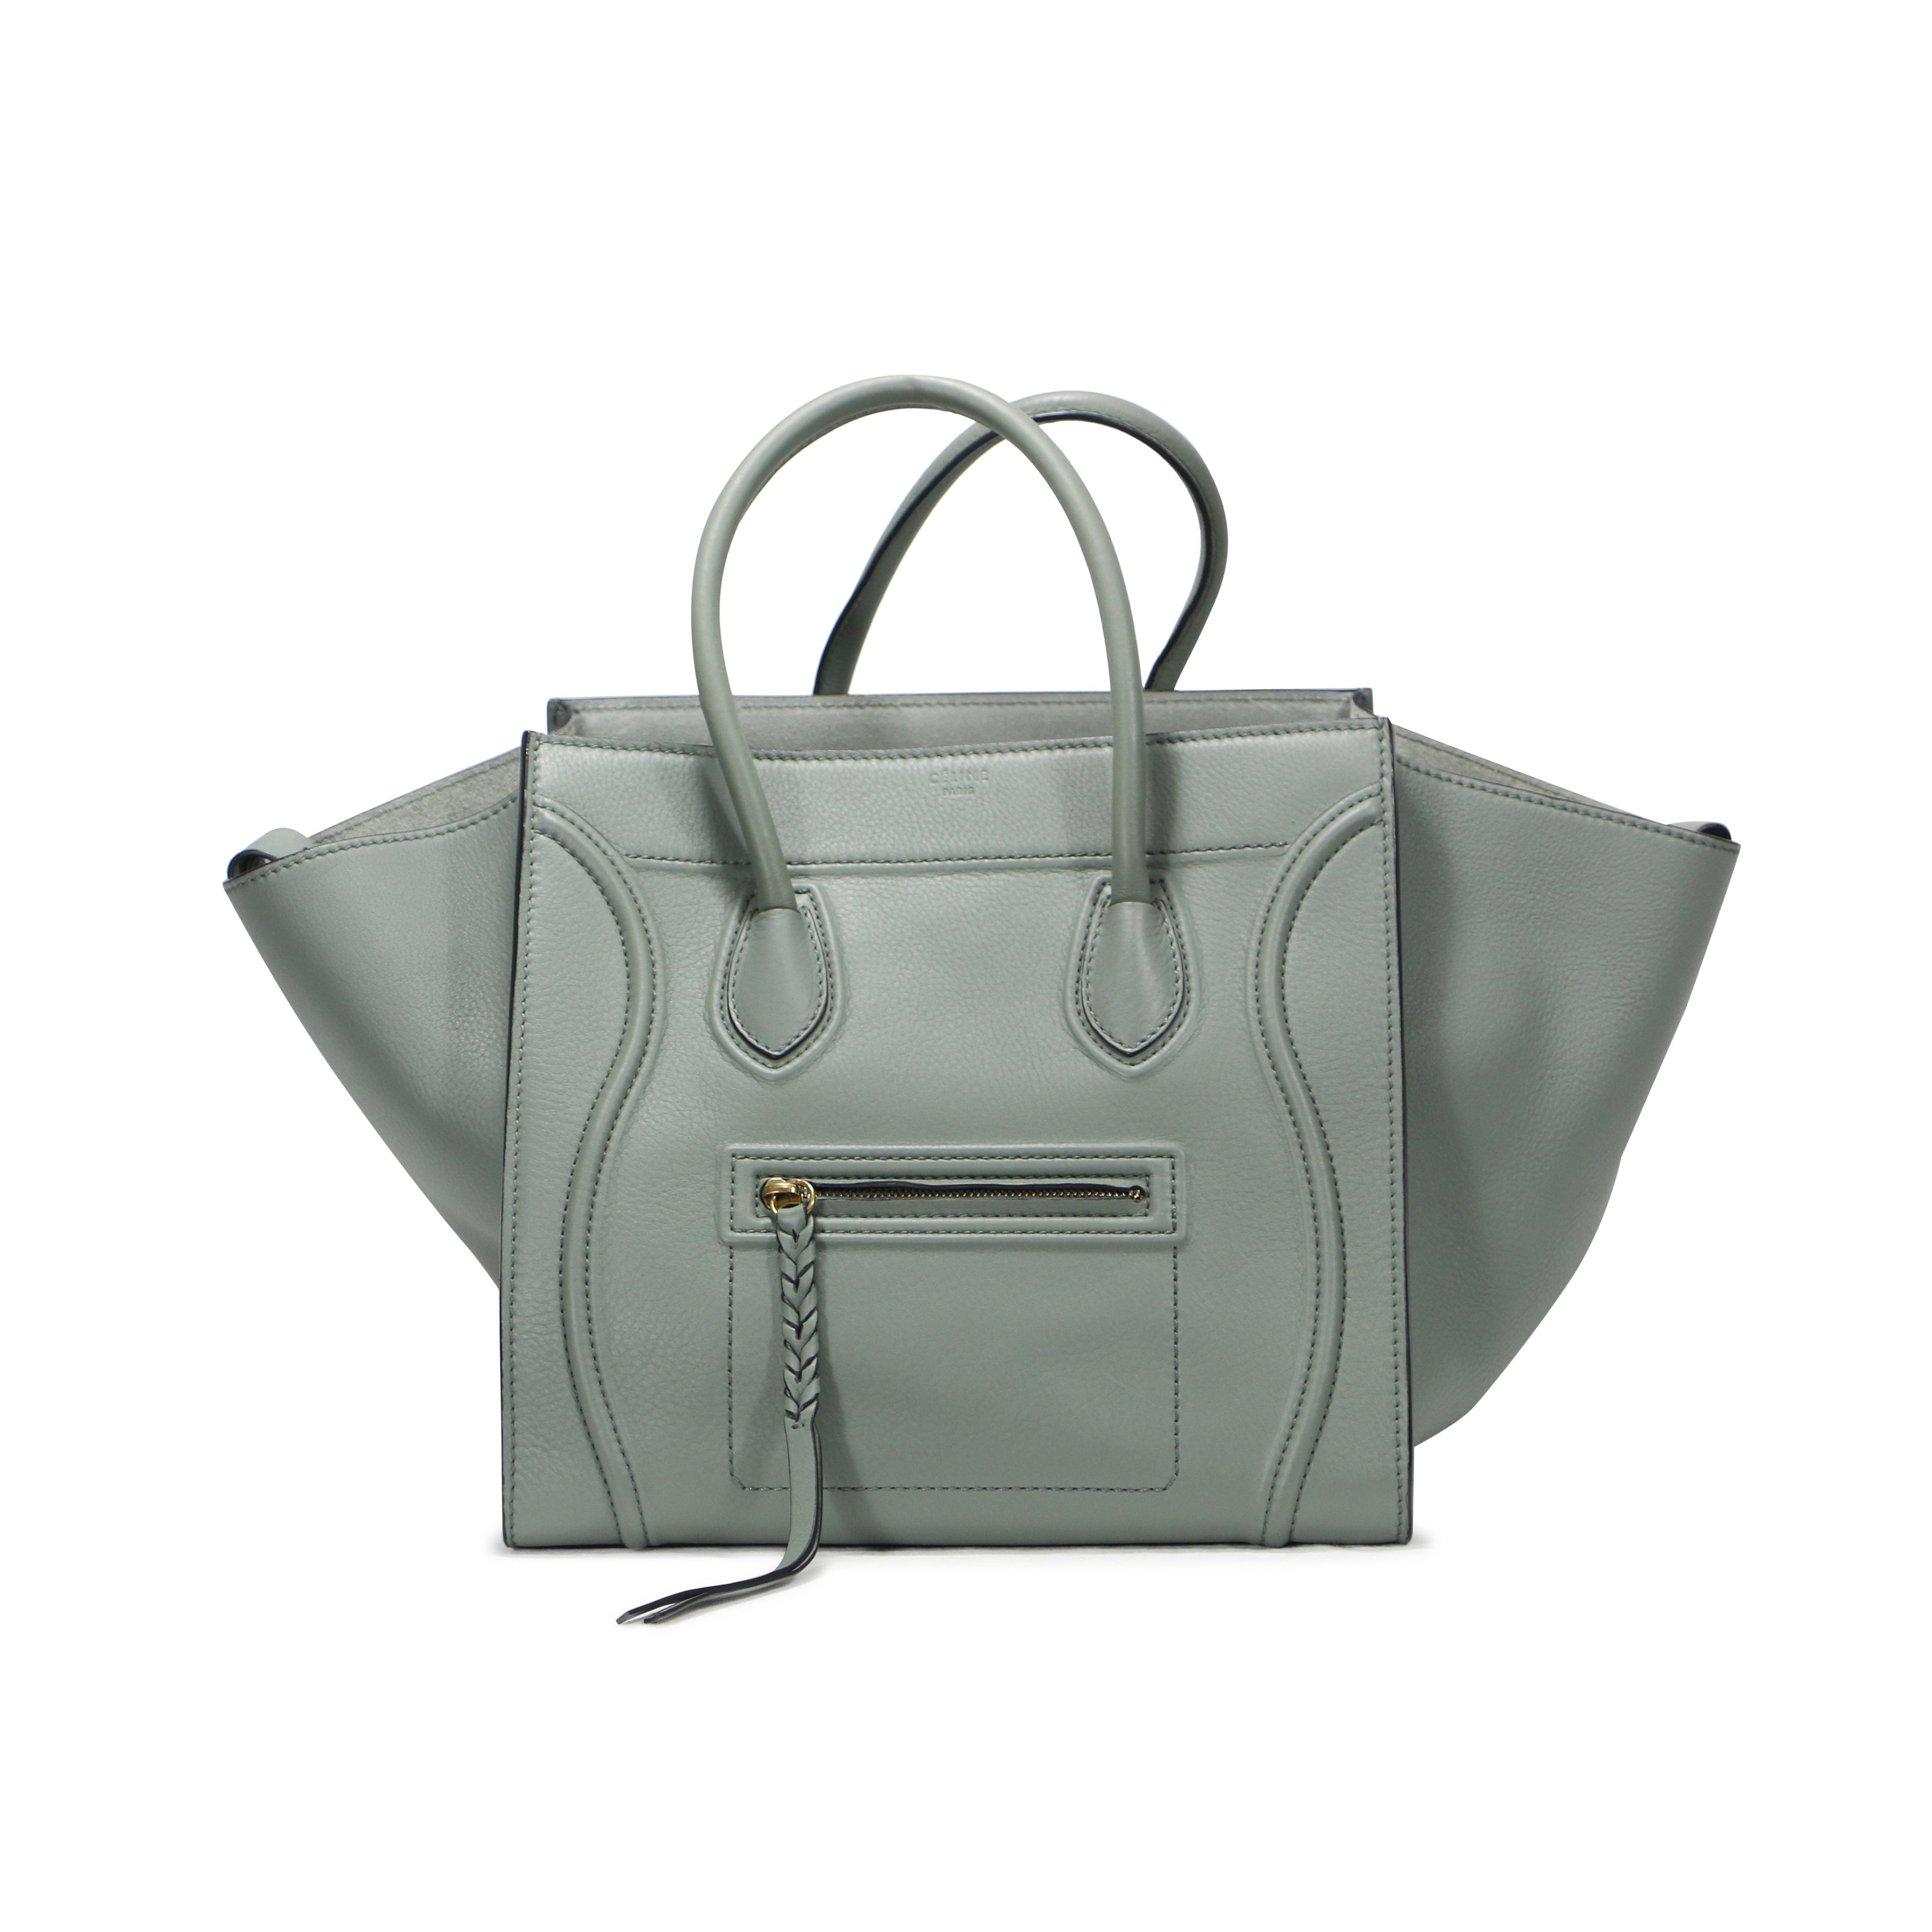 ec76c471e5 Authentic Second Hand Céline Phantom Luggage Bag (PSS-241-00029 ...